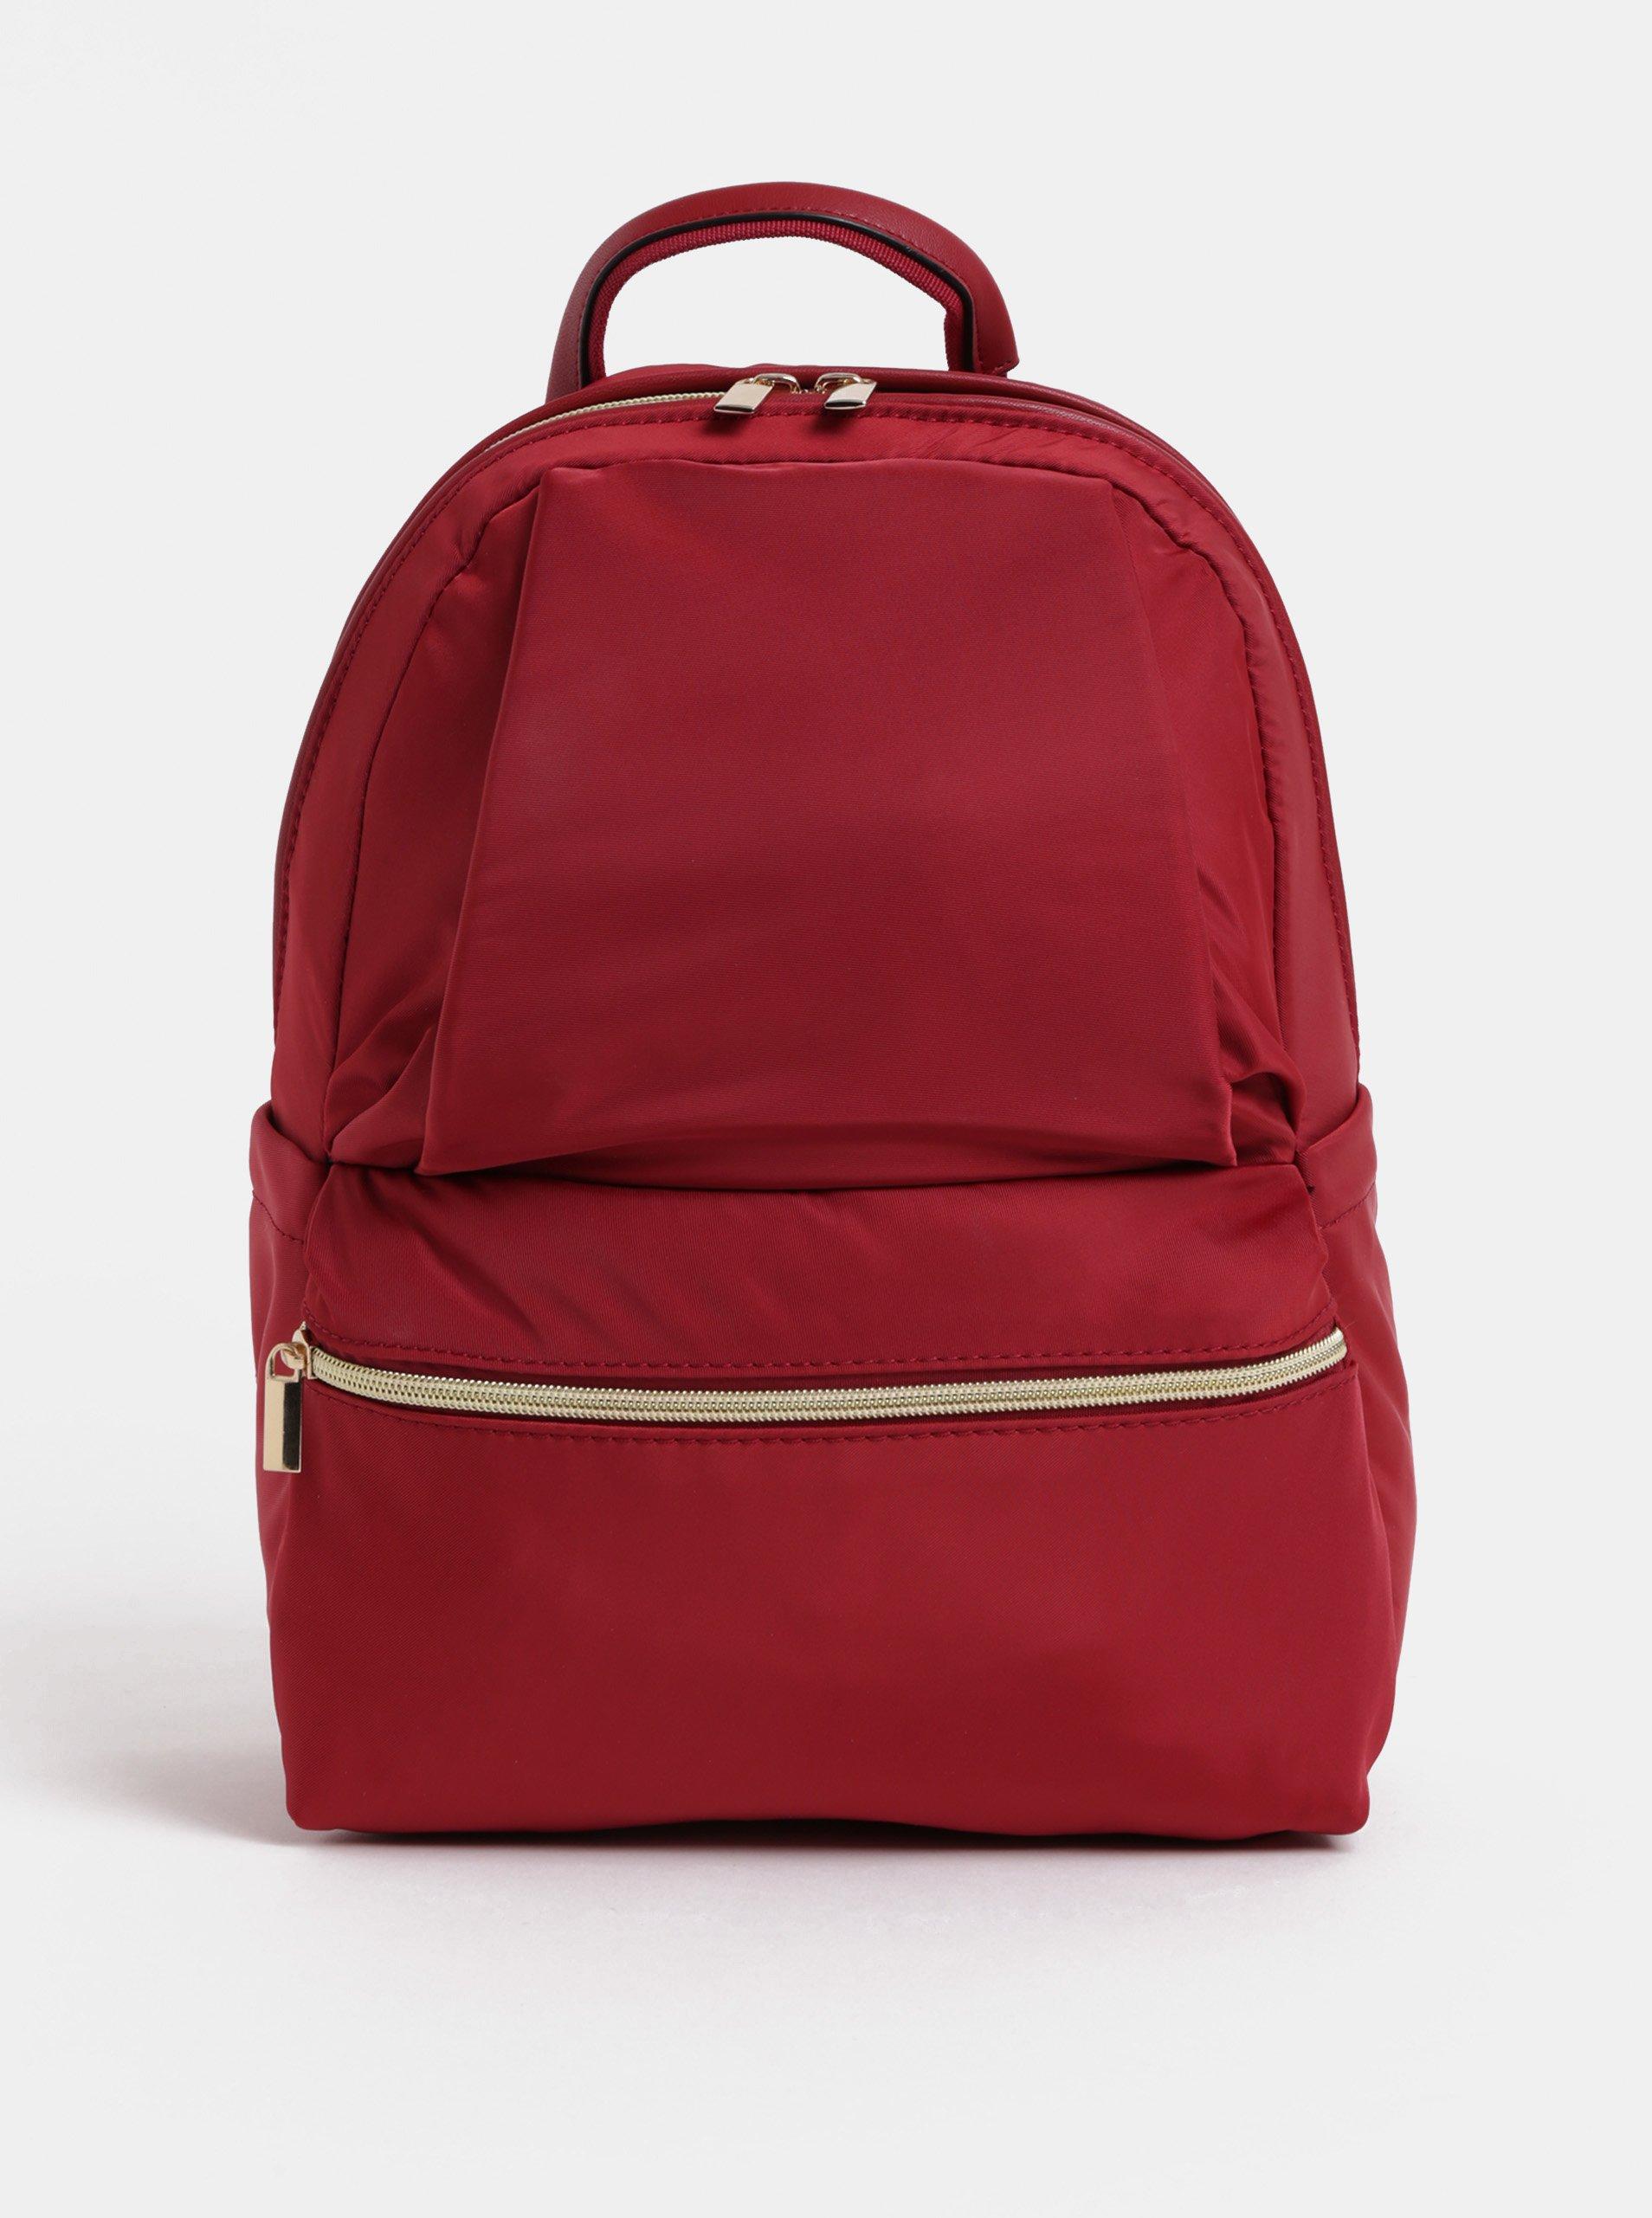 Červený batoh s detaily ve zlaté barvě ZOOT 1509483831